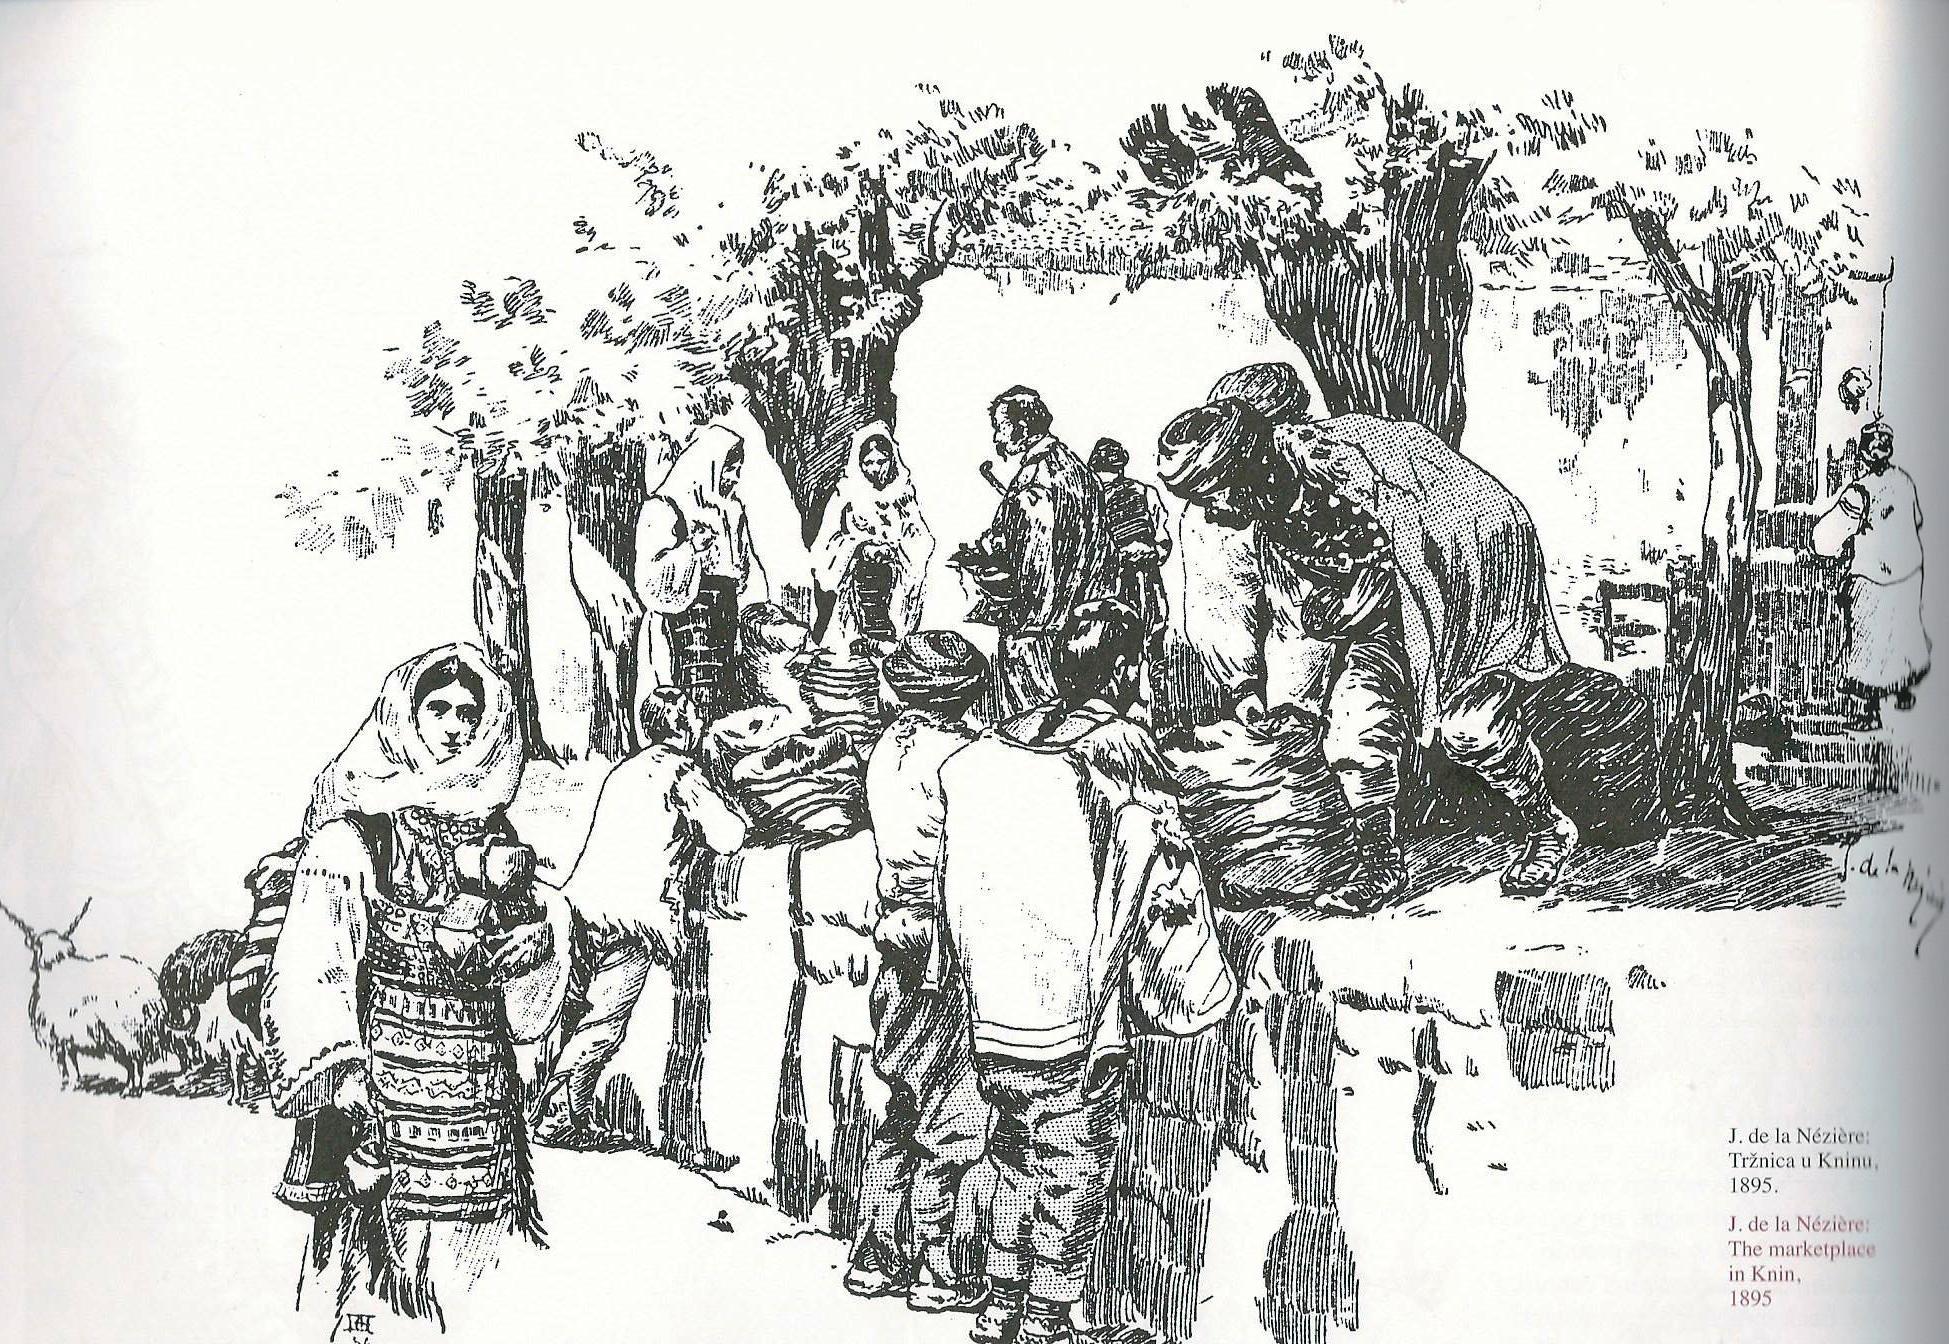 j-de-la-neziere-trznica-u-kninu-1895